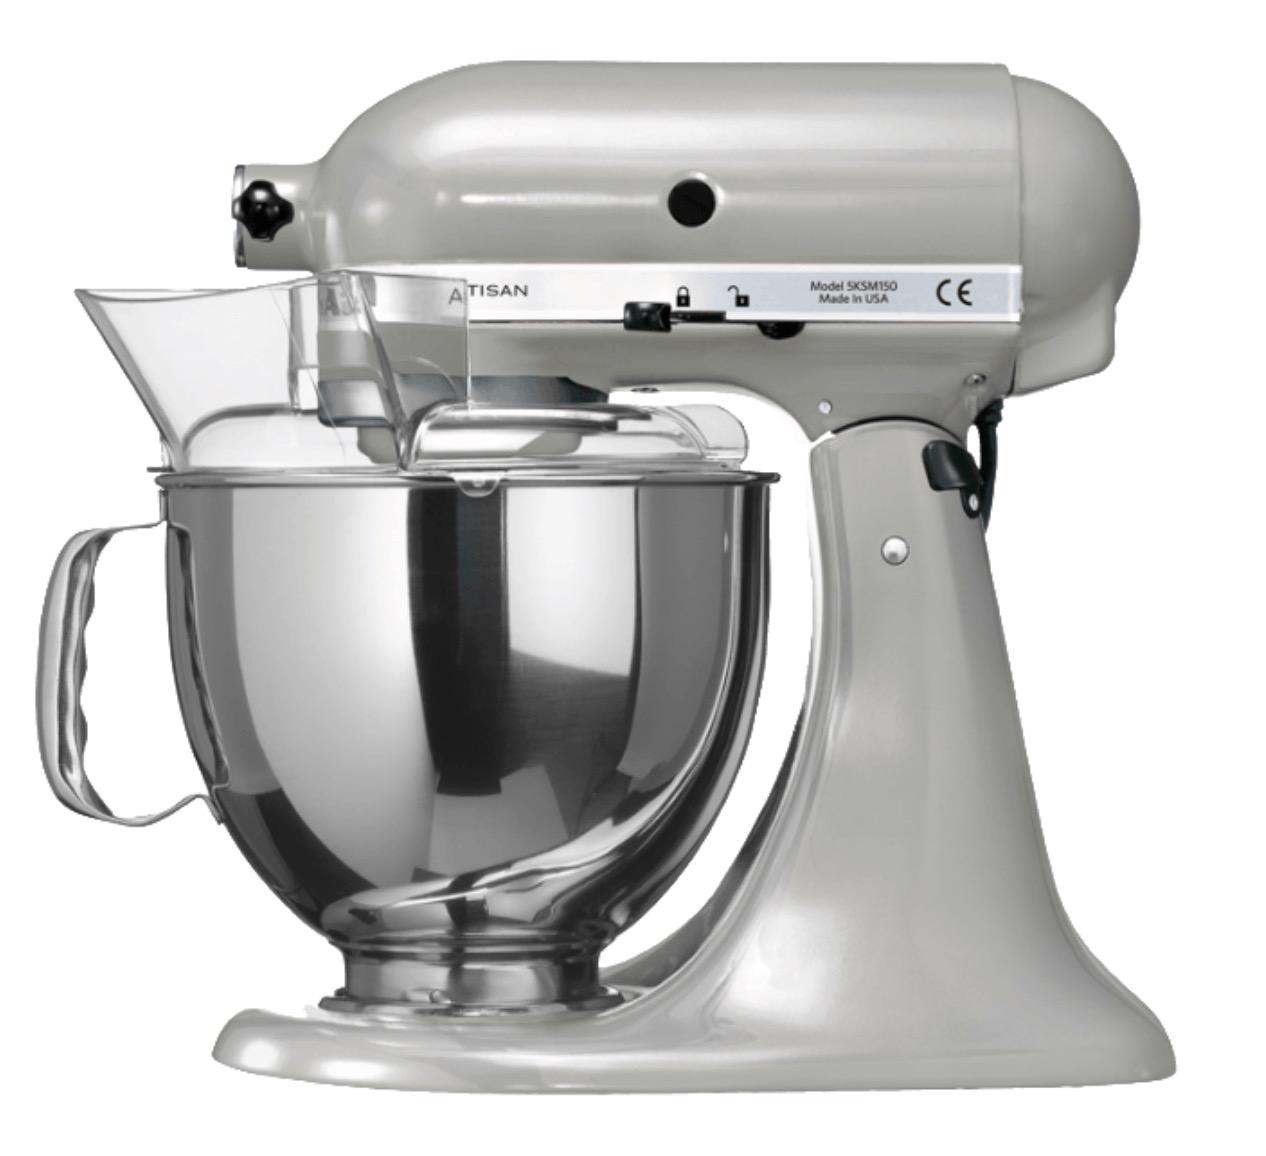 KITCHENAID 5KSM150PSEMC Artisan Küchenmaschine für nur 388,94 Euro inkl. Versand